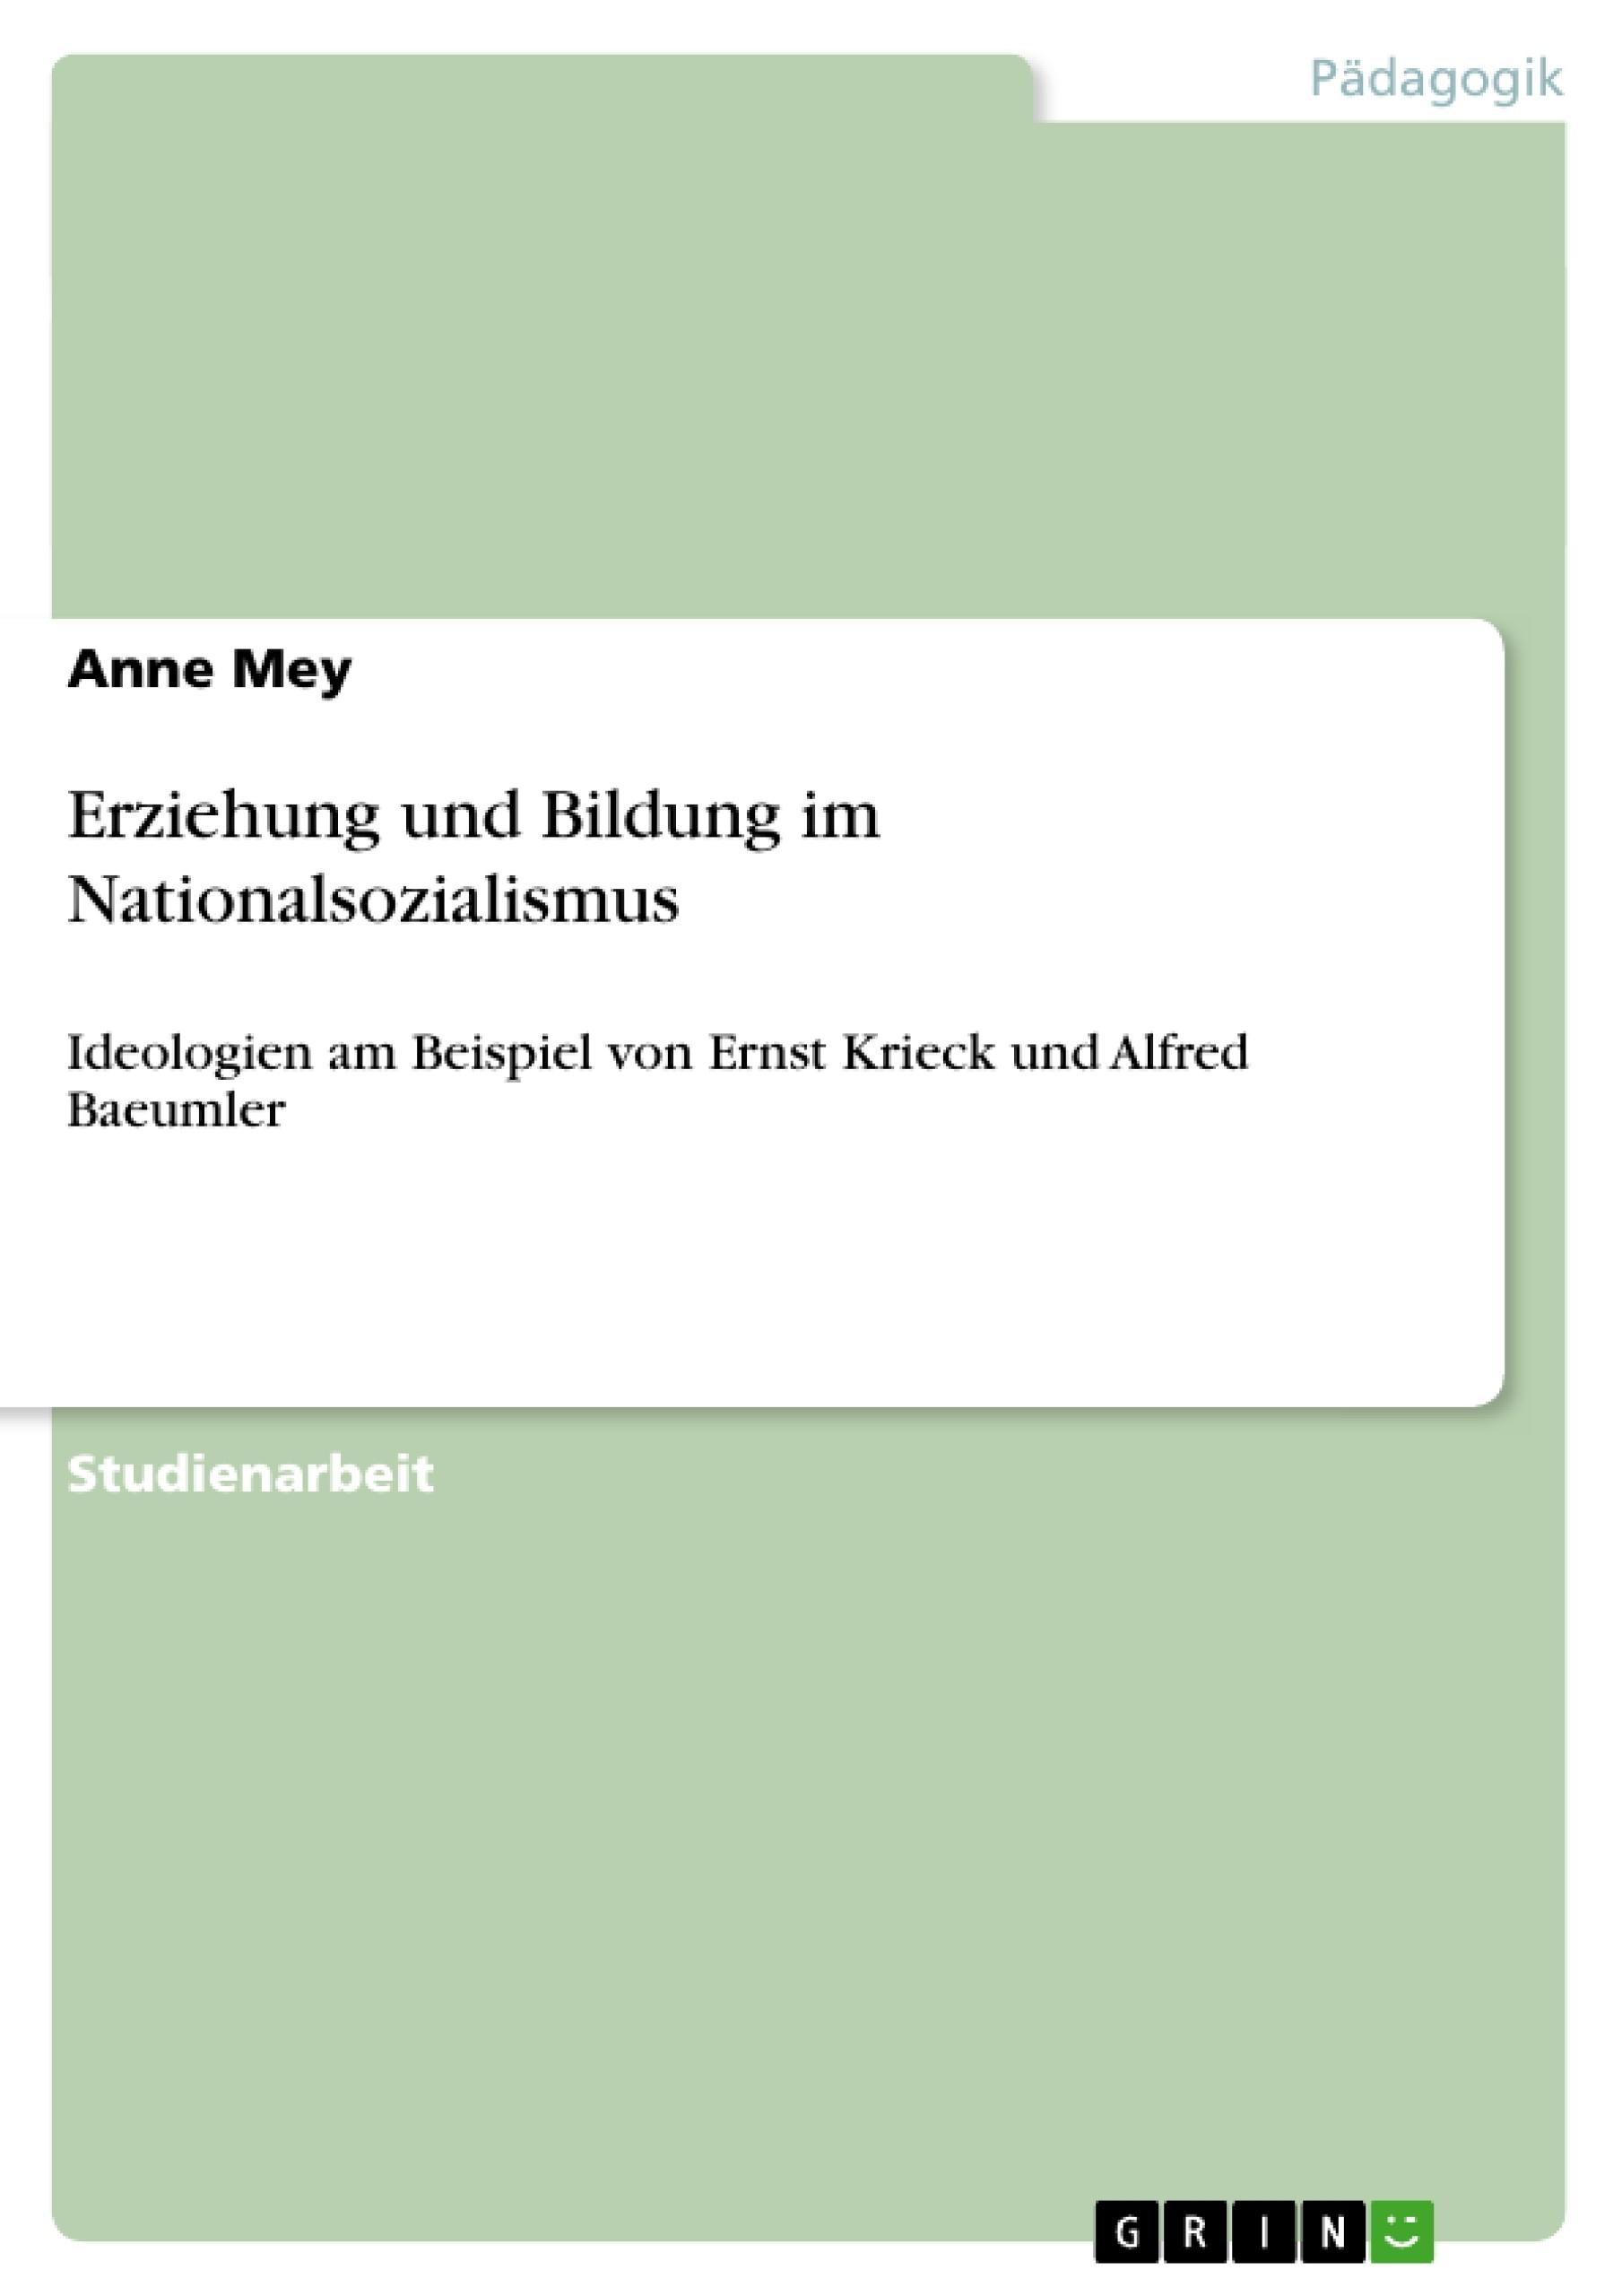 Titel: Erziehung und Bildung im Nationalsozialismus